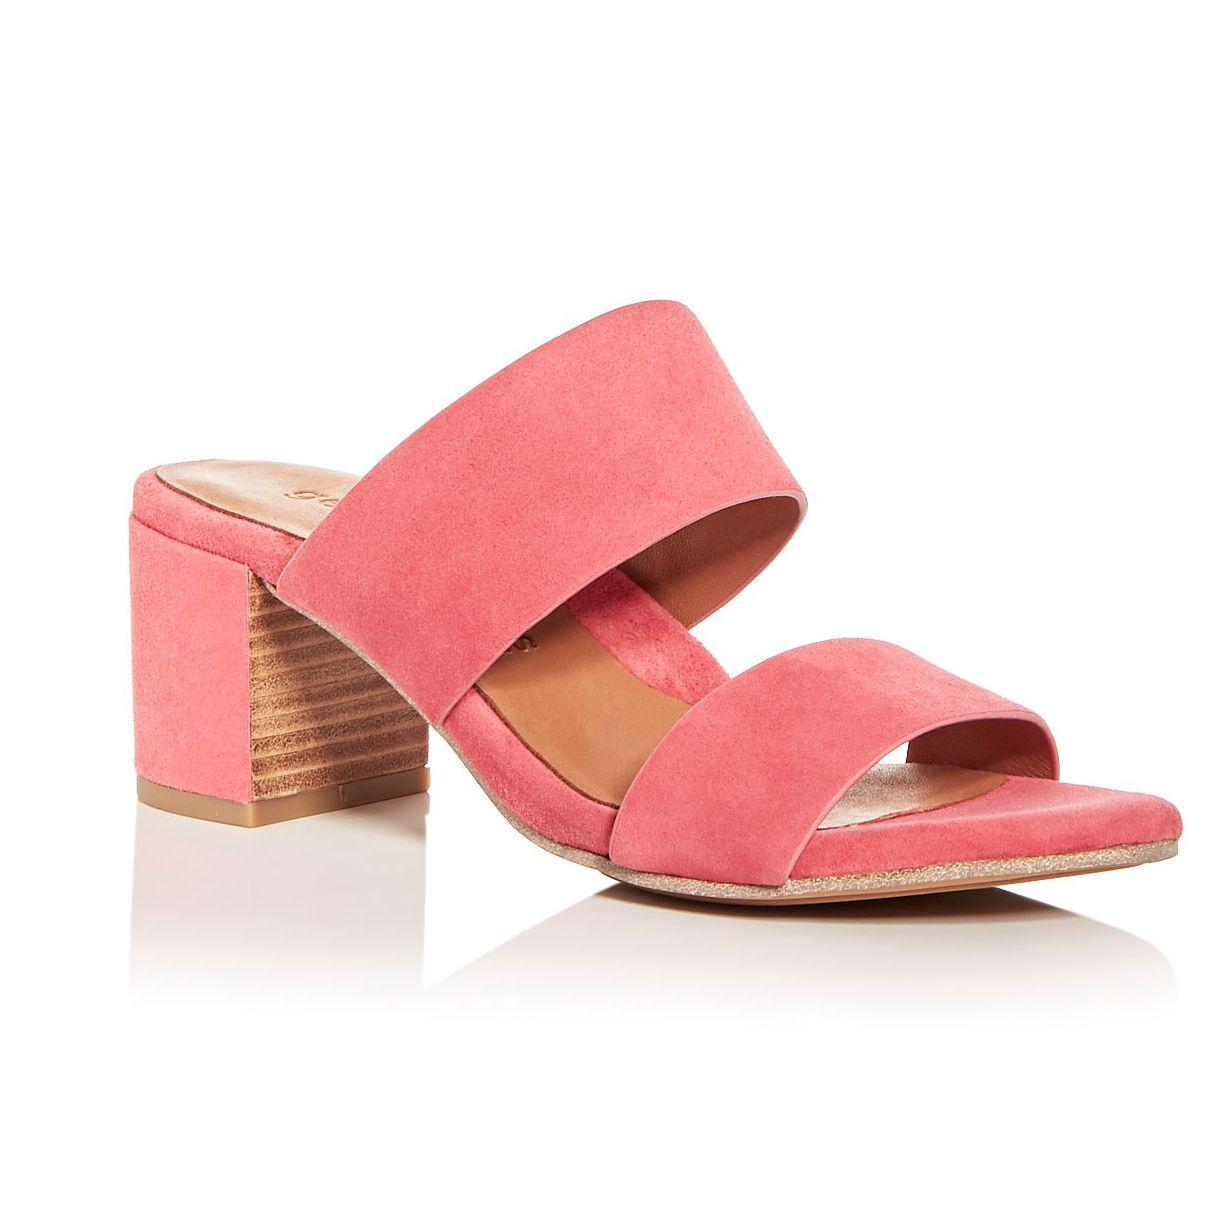 Gentle Souls Cherie Suede Block Heel Slide Sandals